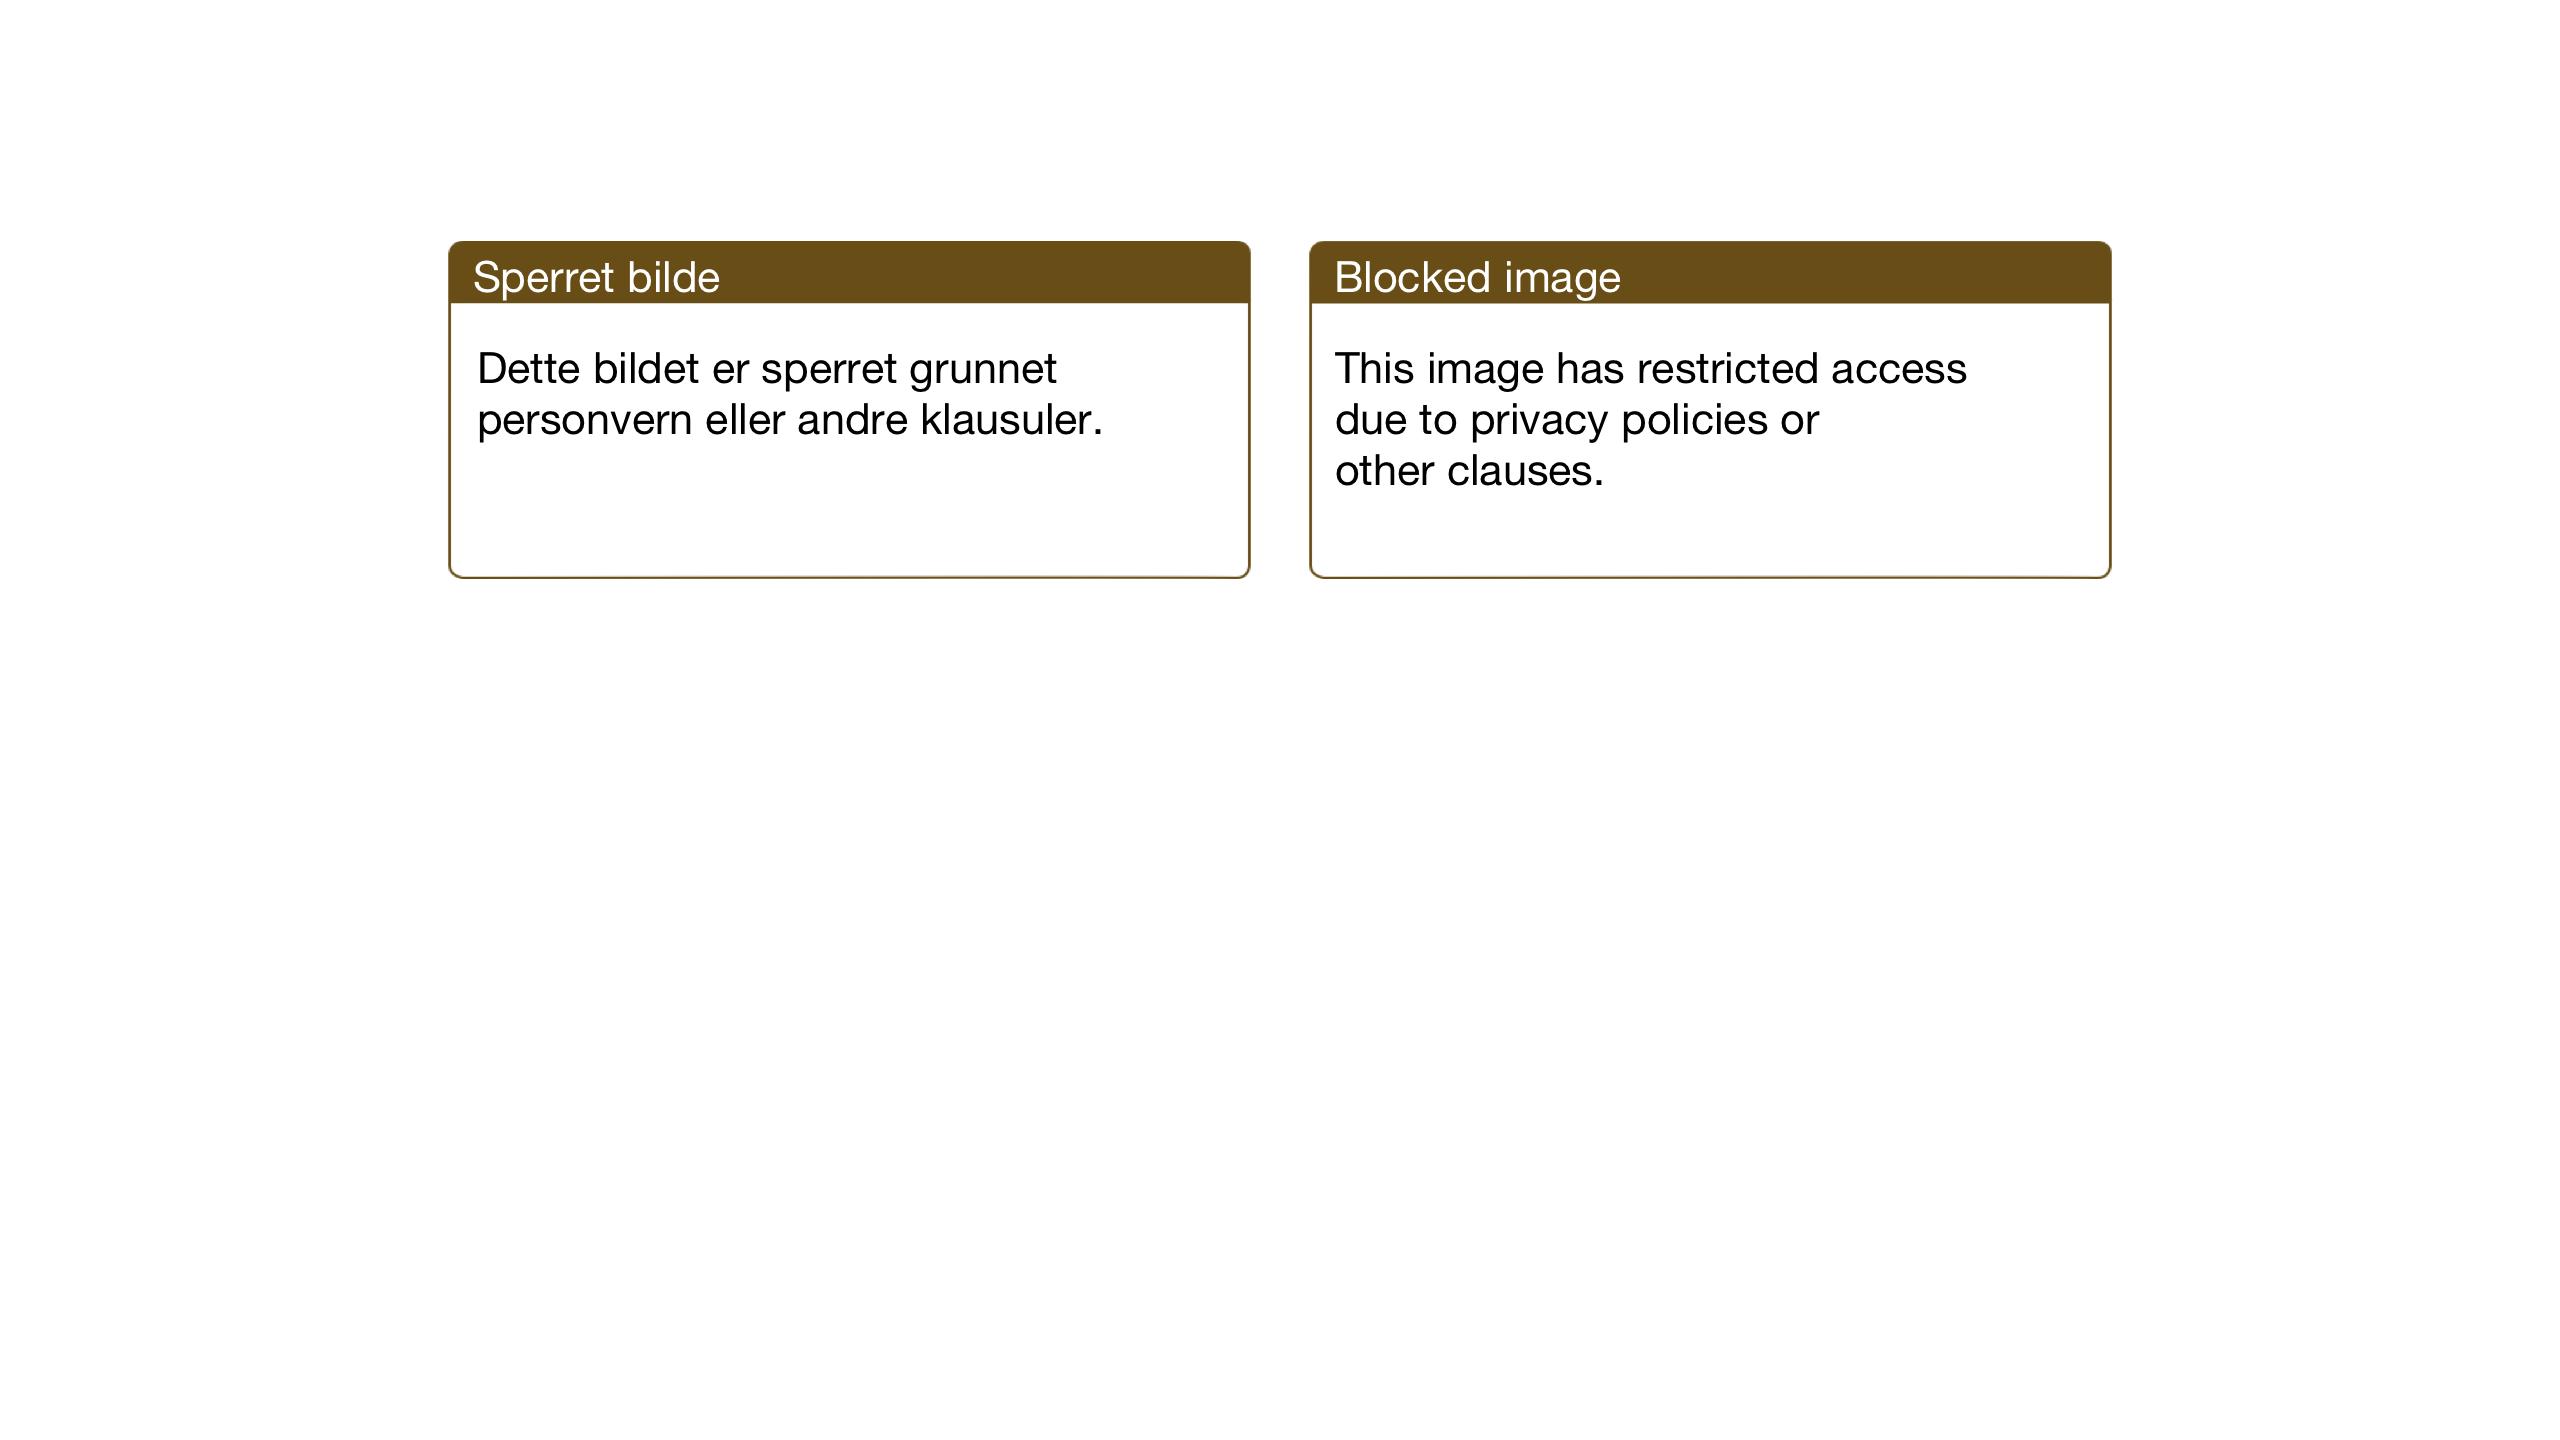 SAT, Ministerialprotokoller, klokkerbøker og fødselsregistre - Sør-Trøndelag, 682/L0947: Klokkerbok nr. 682C01, 1926-1968, s. 119